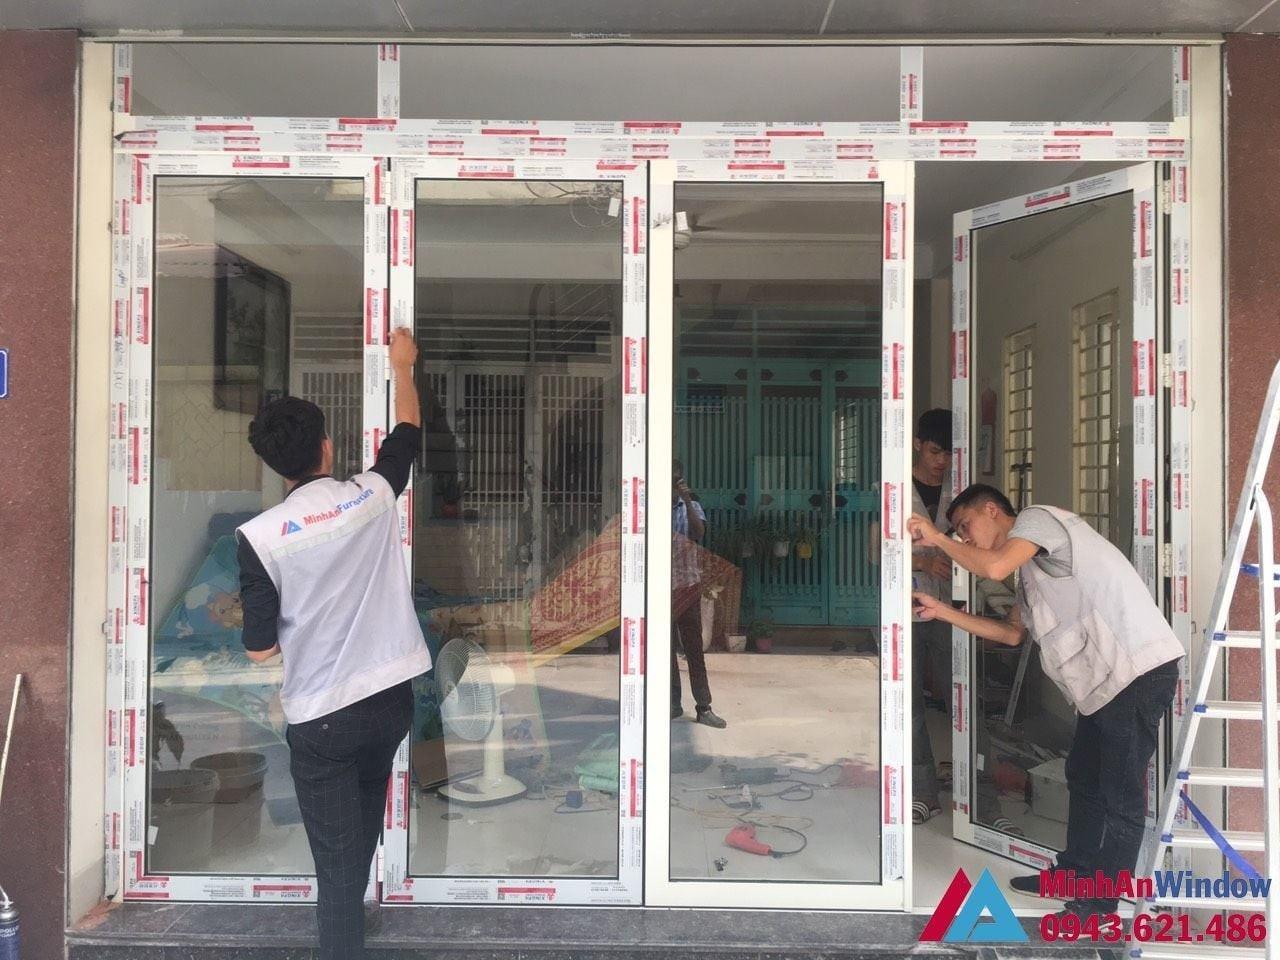 Cửa Nhôm Hyundai - MinhAn Window Thiết Kế Và Thi Công